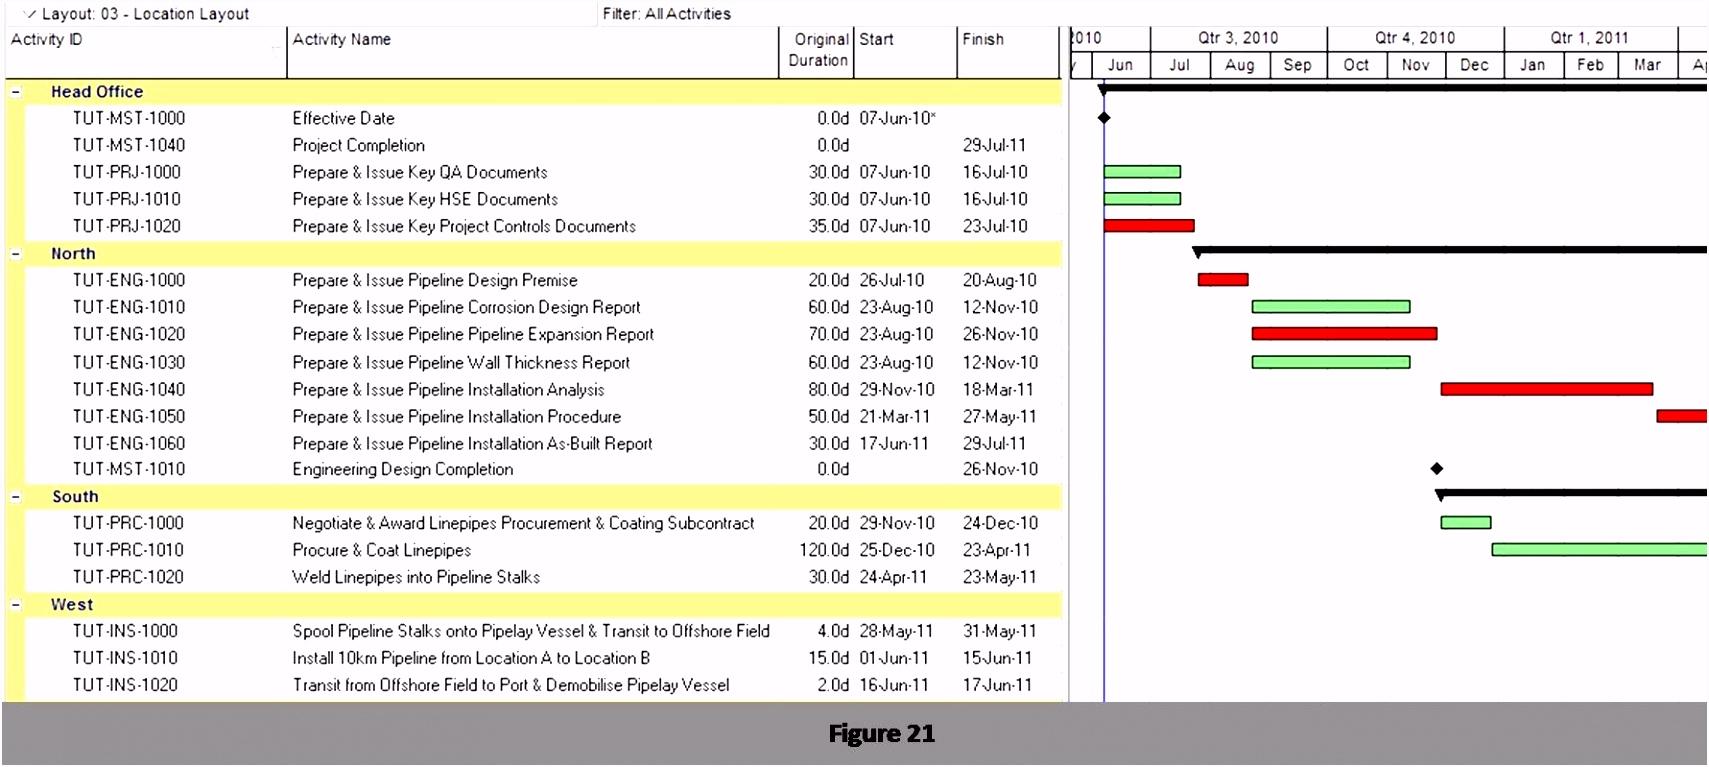 Vorlage Rechnung Freiberufler 6 Vorlage Rechnung Freiberufler Ohne Umsatzsteuer Ualckt Cool T3vh61ecc5 B4ygv4nvfh